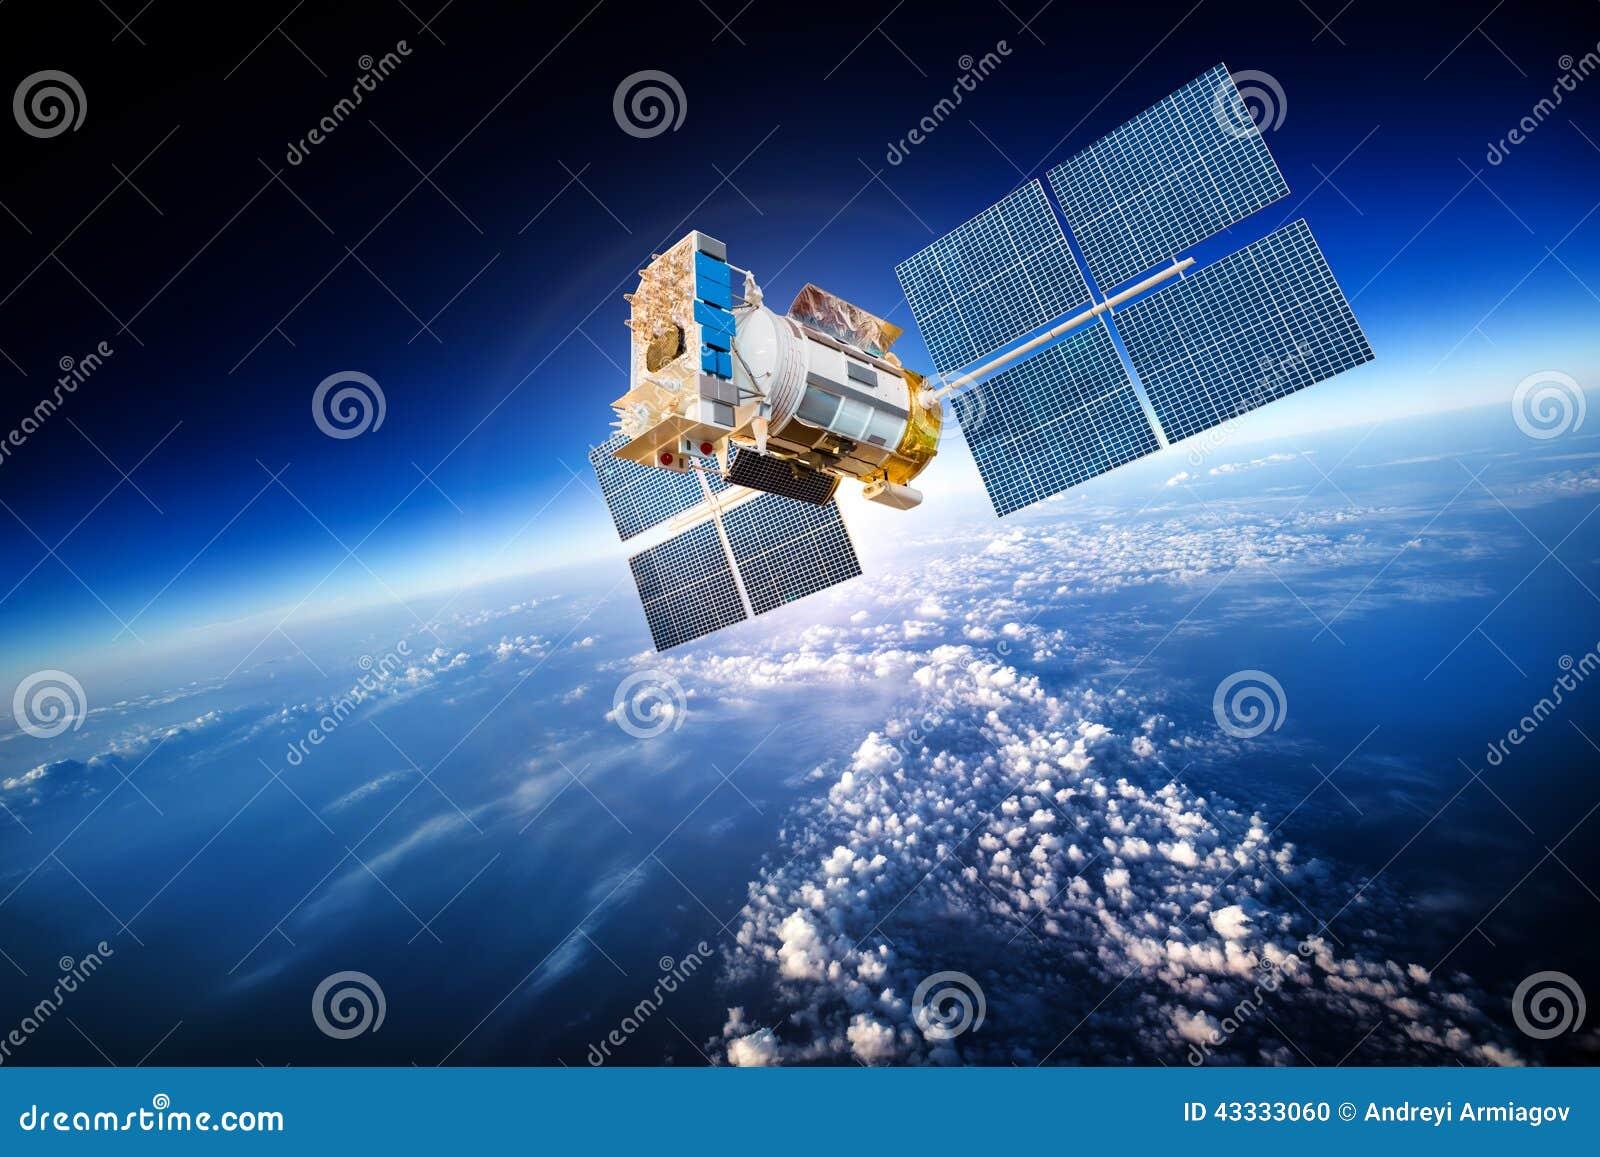 Ruimtesatelliet over de aarde